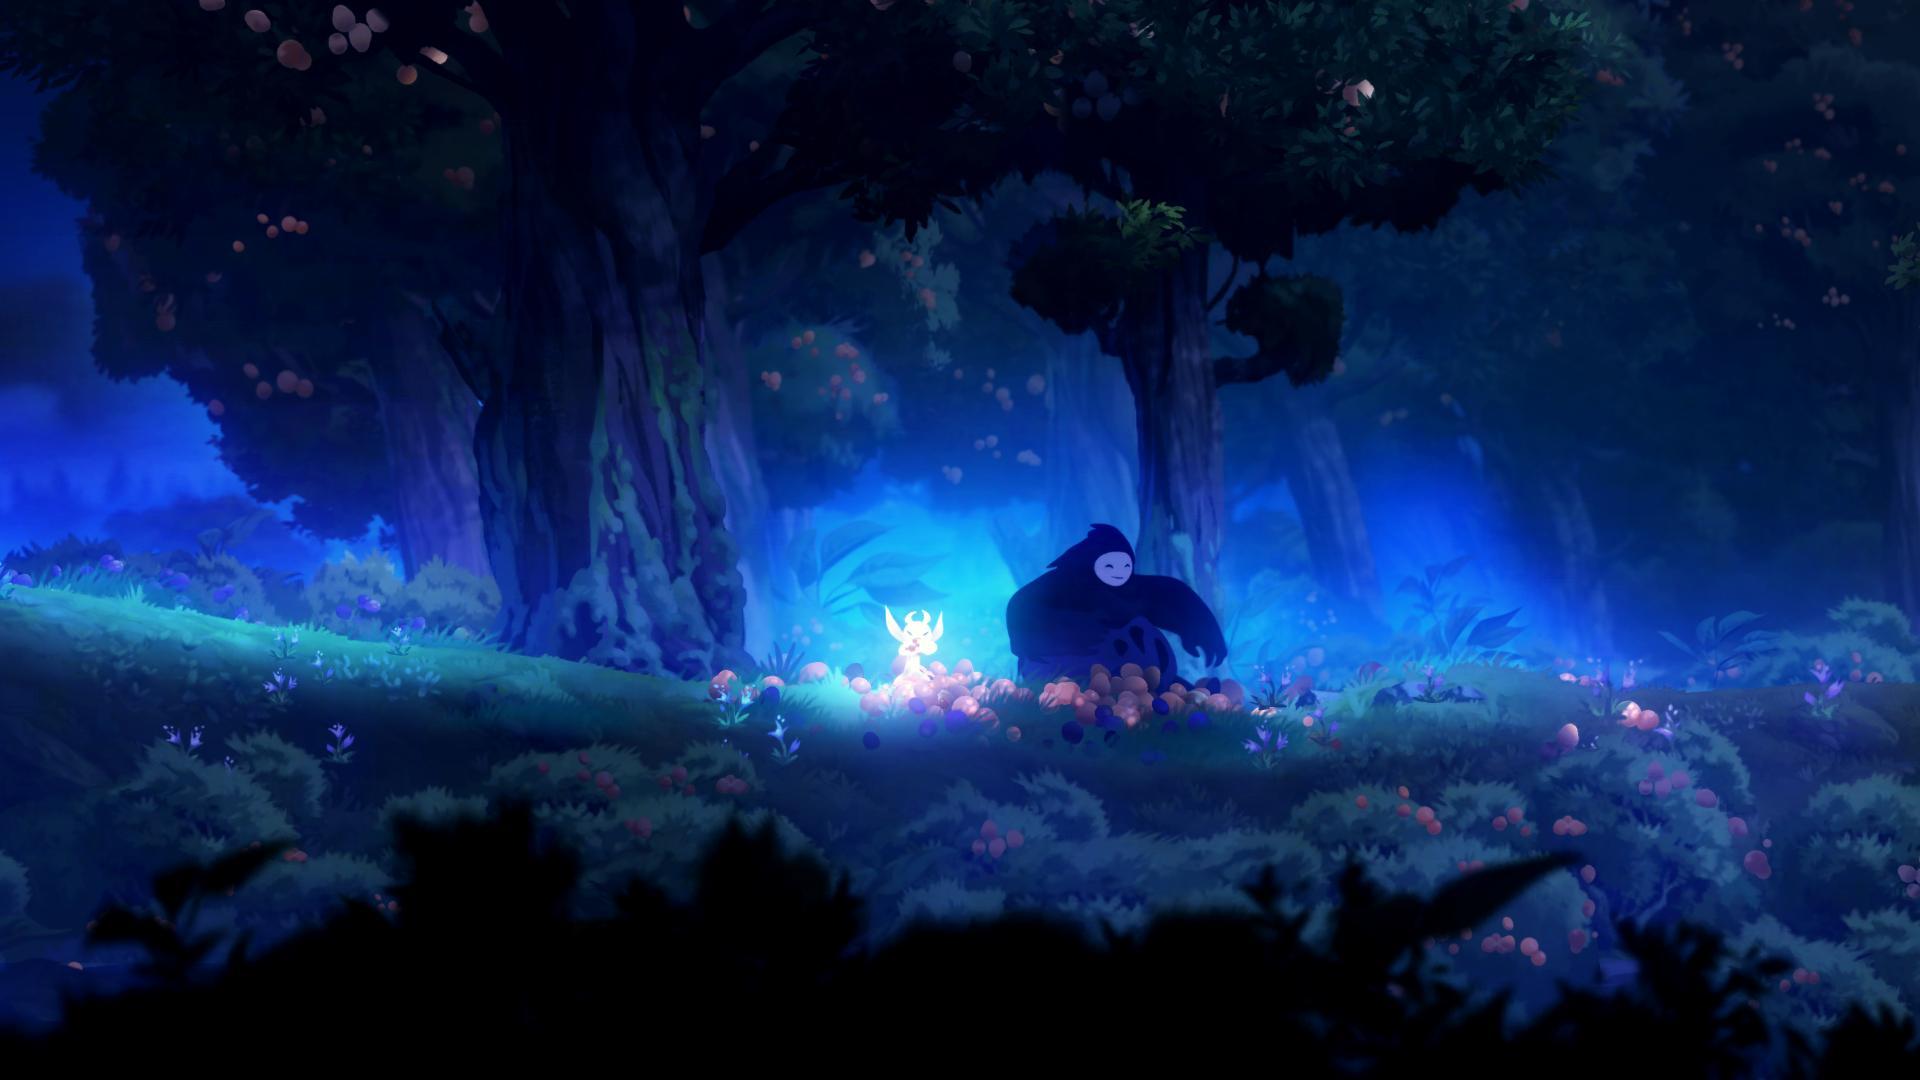 Switch verze Ori and the Blind Forest Definitive Edition běží lépe než původní verze